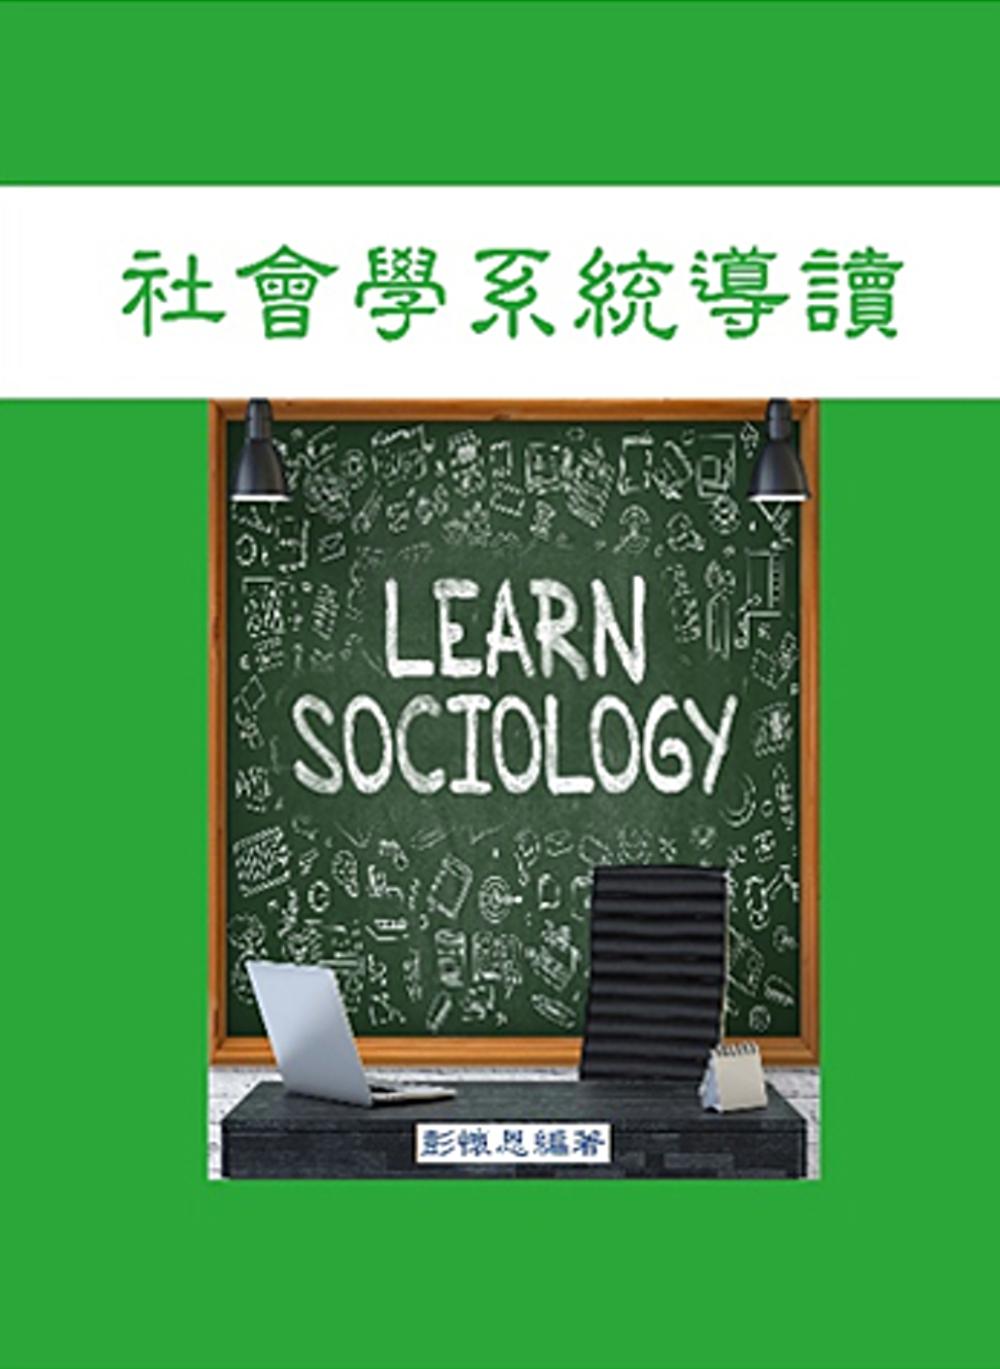 社會學系統導讀